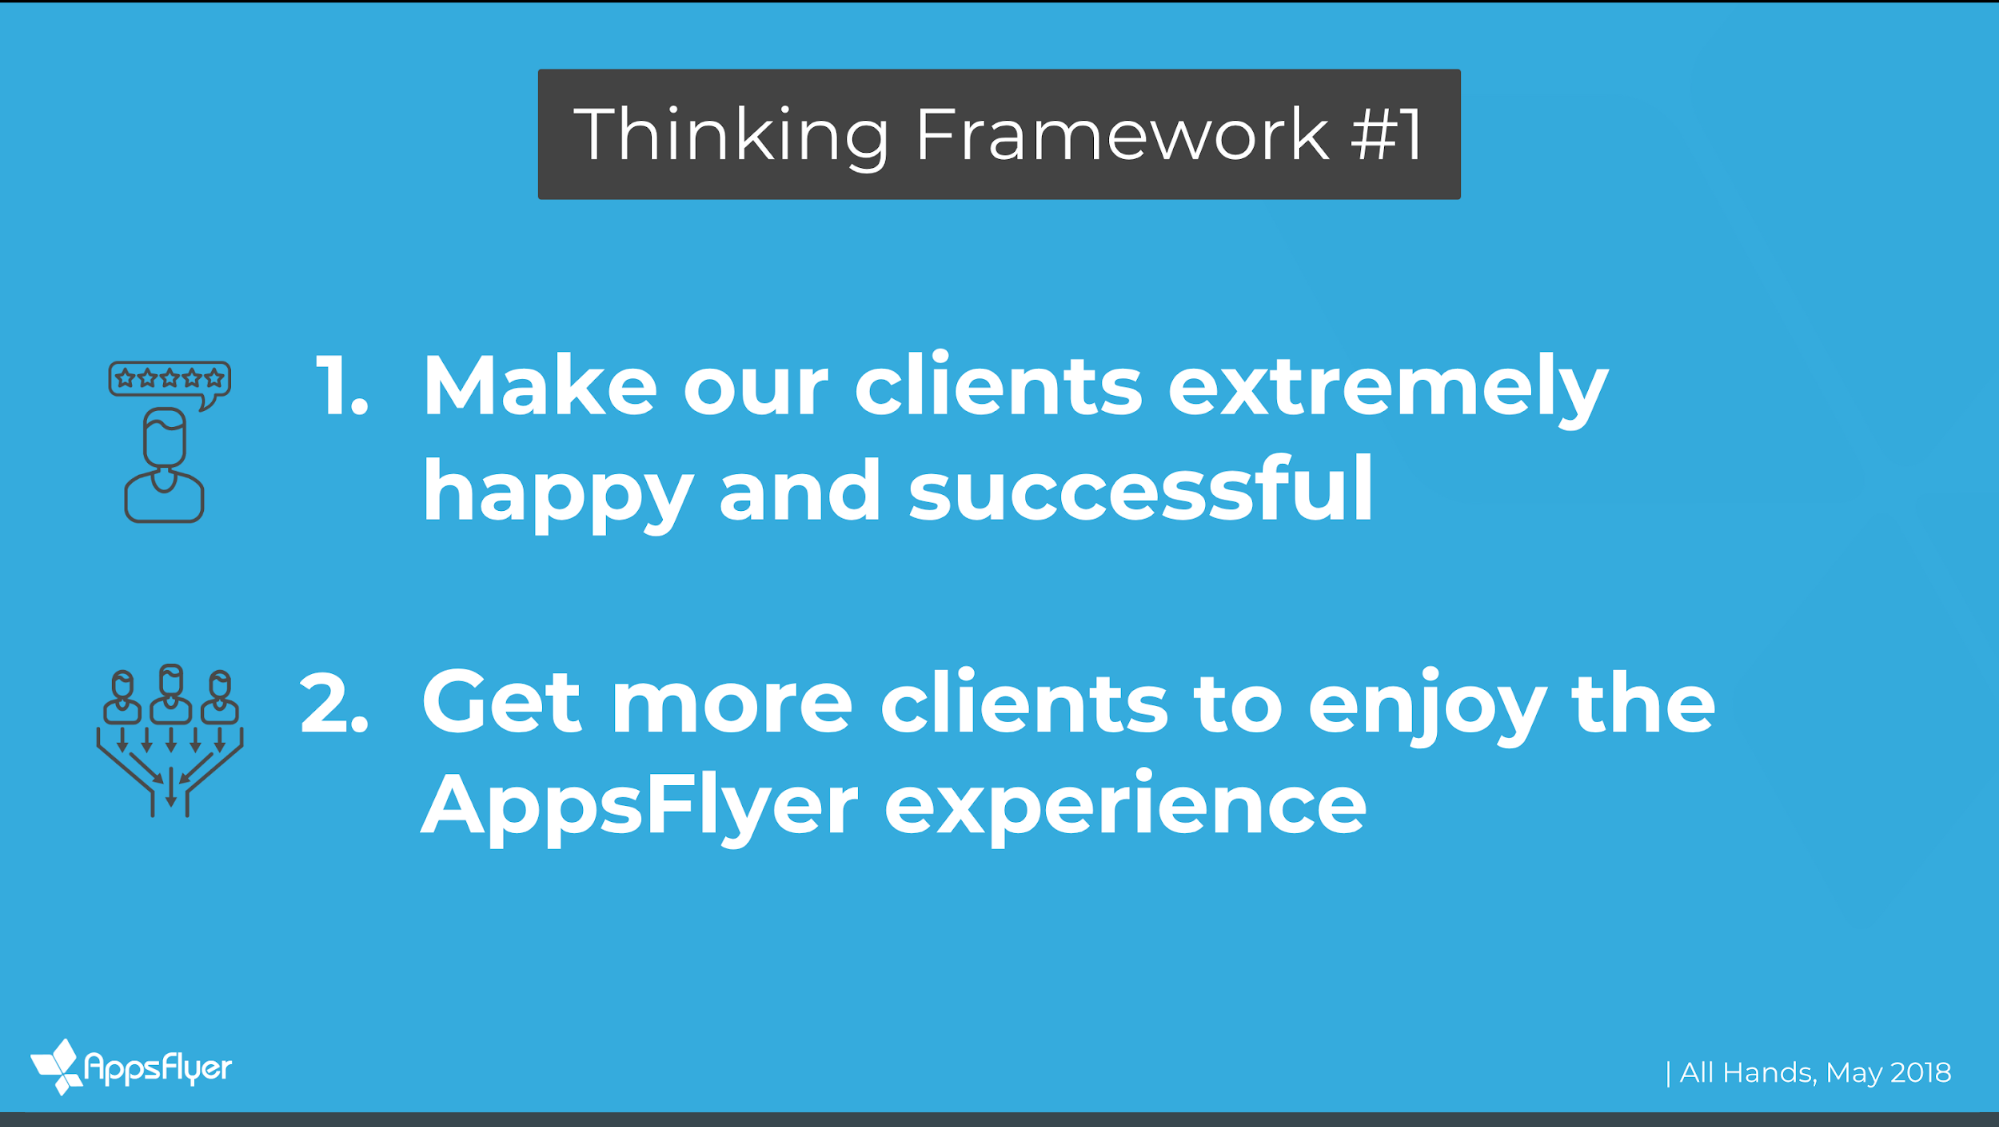 AppsFlyer thinking framework